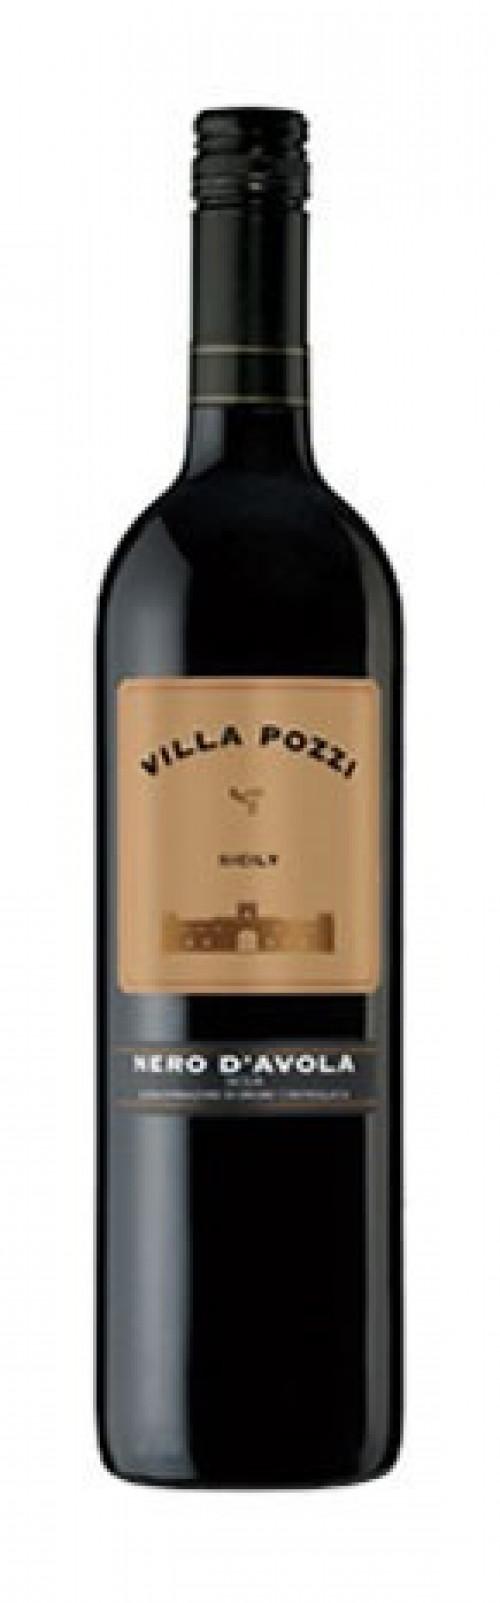 Villa Pozzi Nero D'avola 750ml